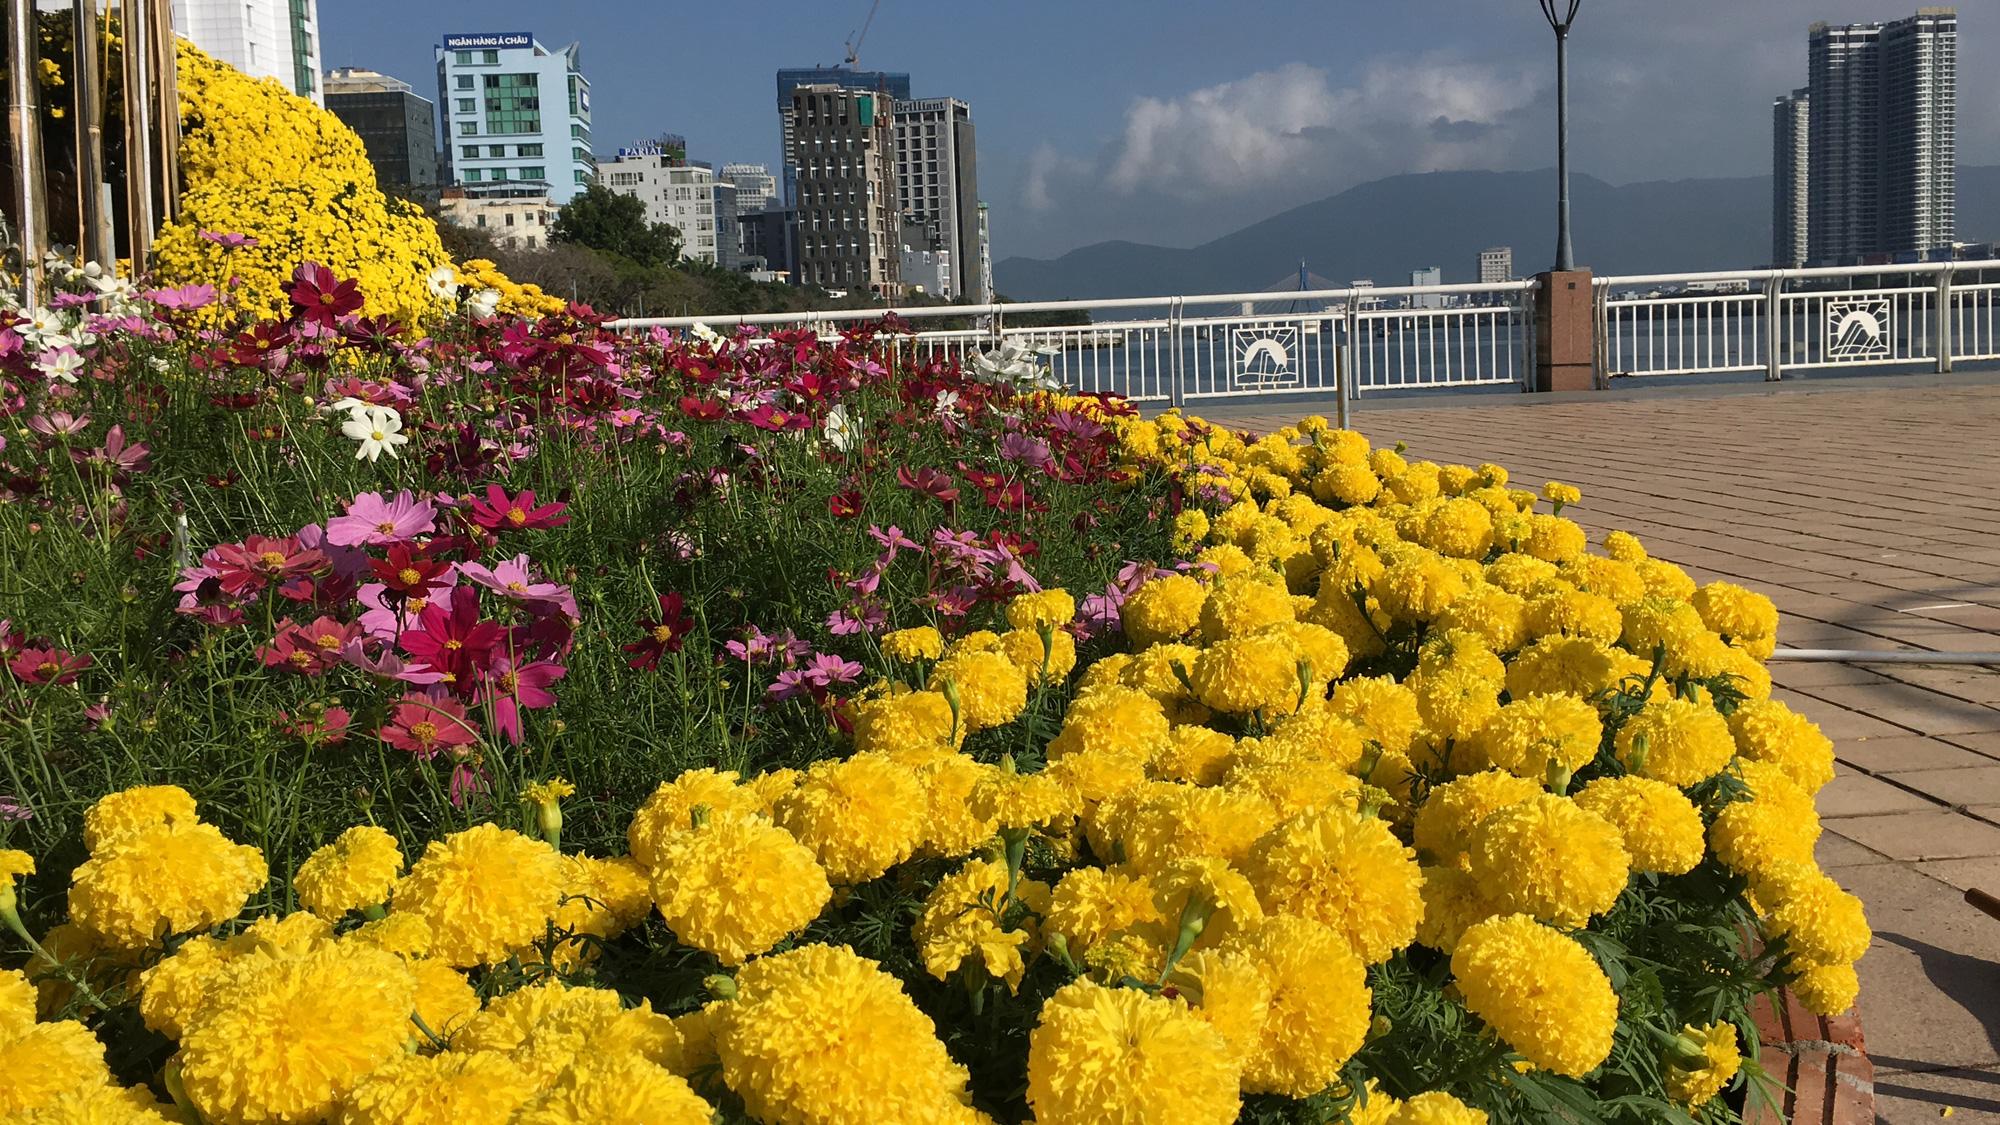 Hối hả thi công đường hoa Đà Nẵng để người dân tham quan, chơi Tết Canh Tý 2020 - Ảnh 10.